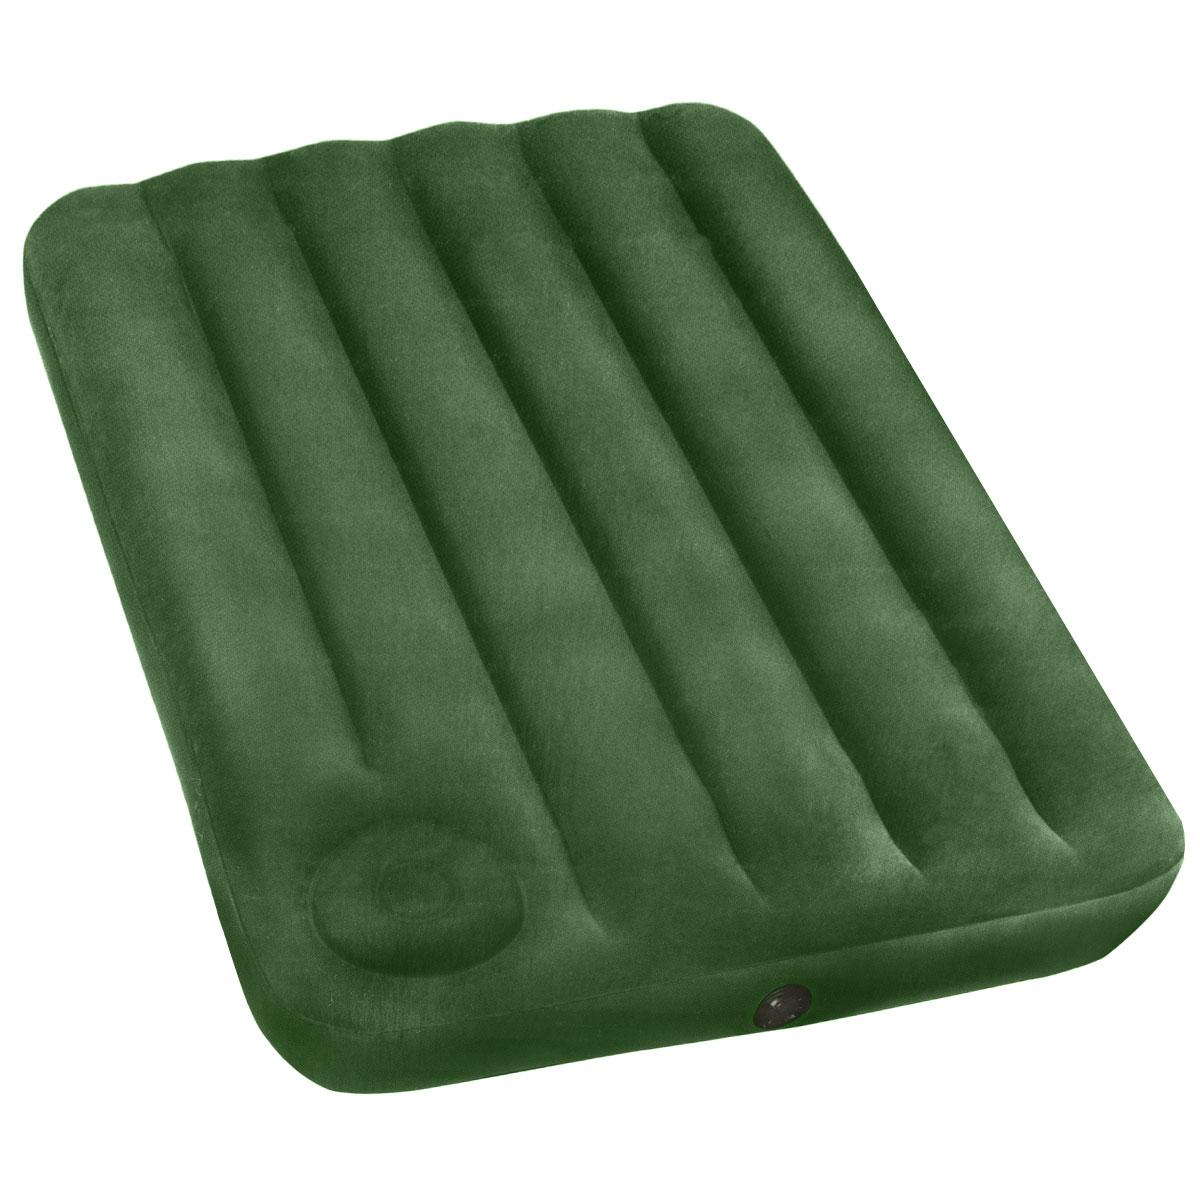 Матрас надувной Intex, флокированный, цвет: зеленый, 191 х 99 х 22 см. 66927